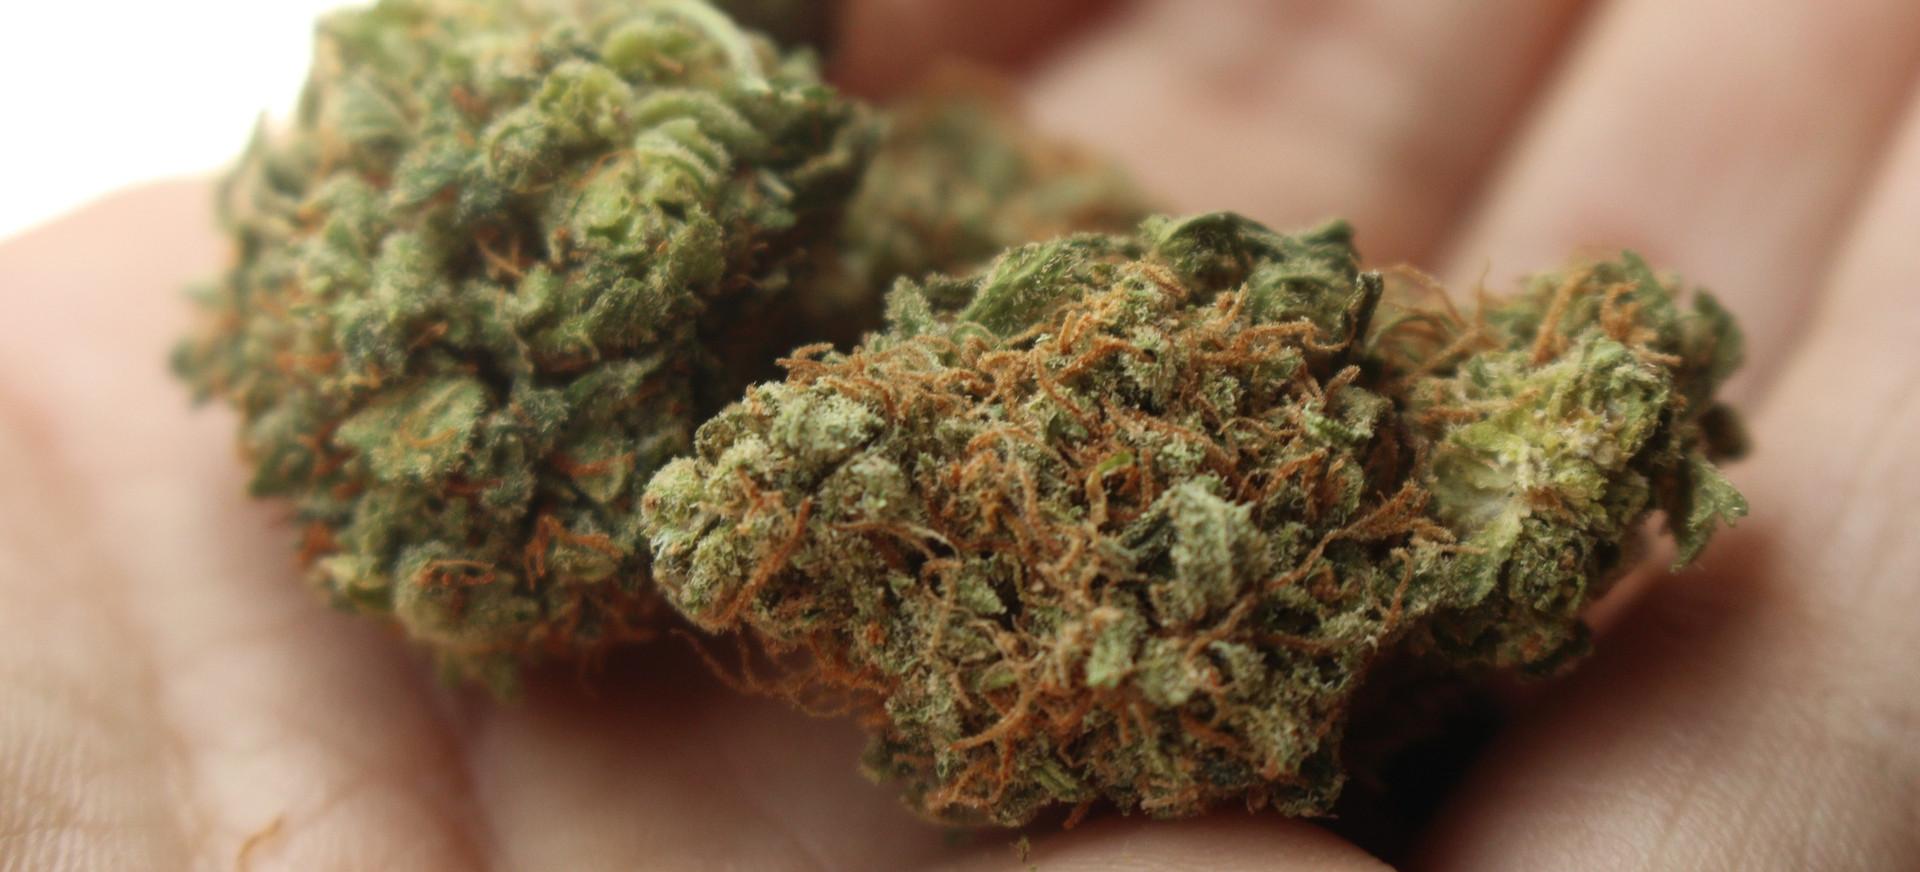 Marihuana i mefedron w saszetce 18-latka